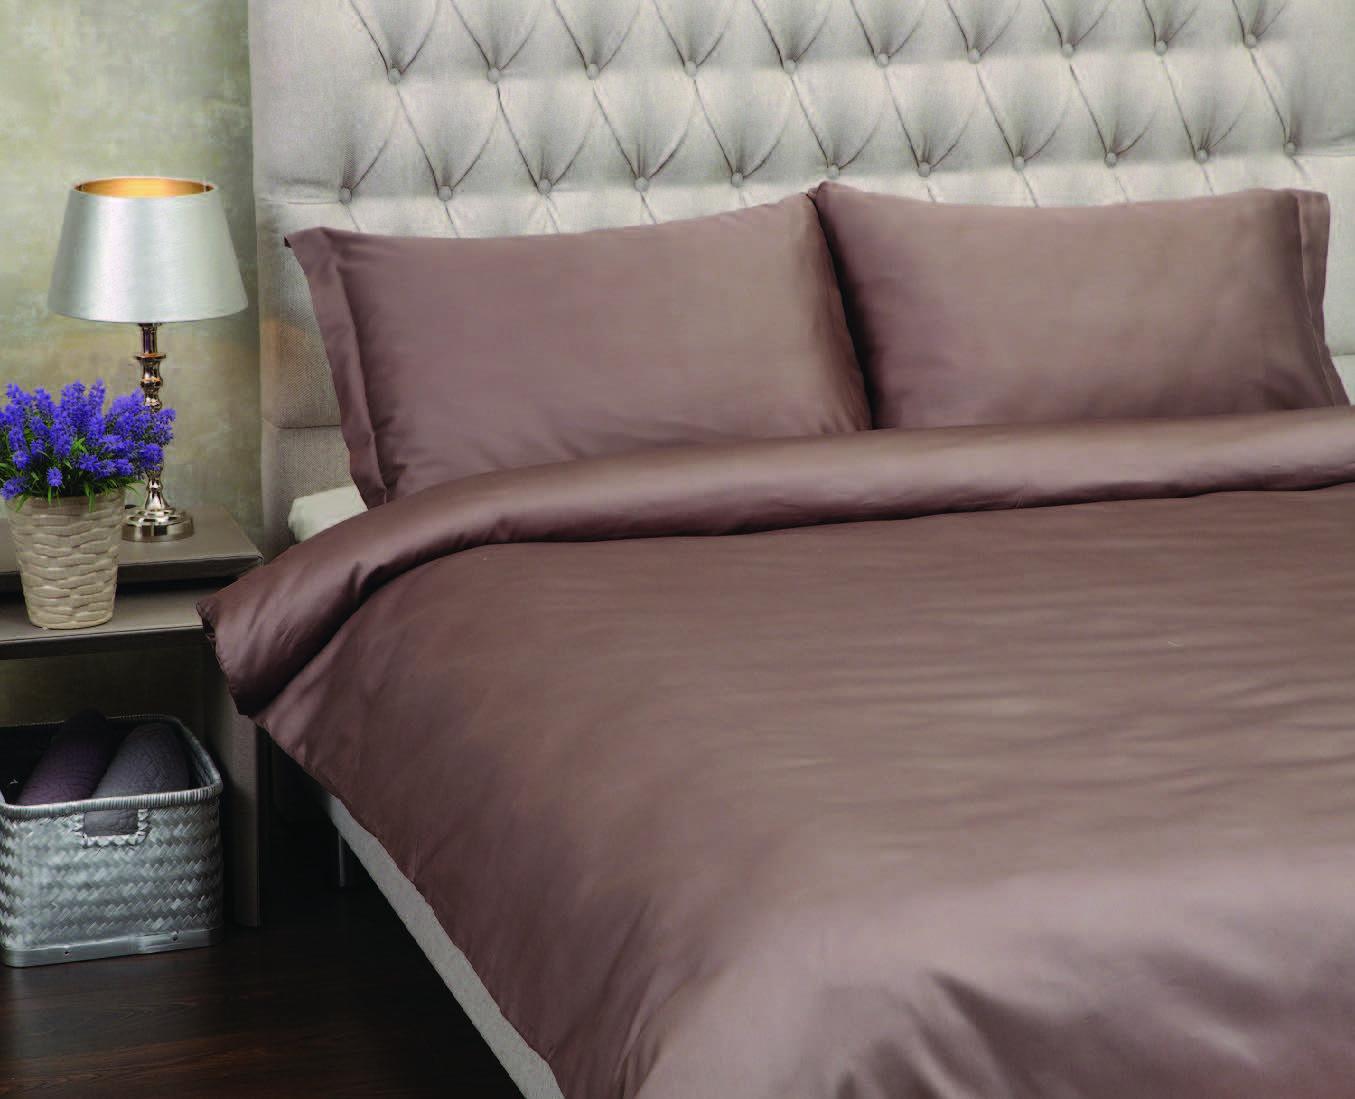 Billede af Sengetøj - Cappuccino Dream - Luksus Sengetøj